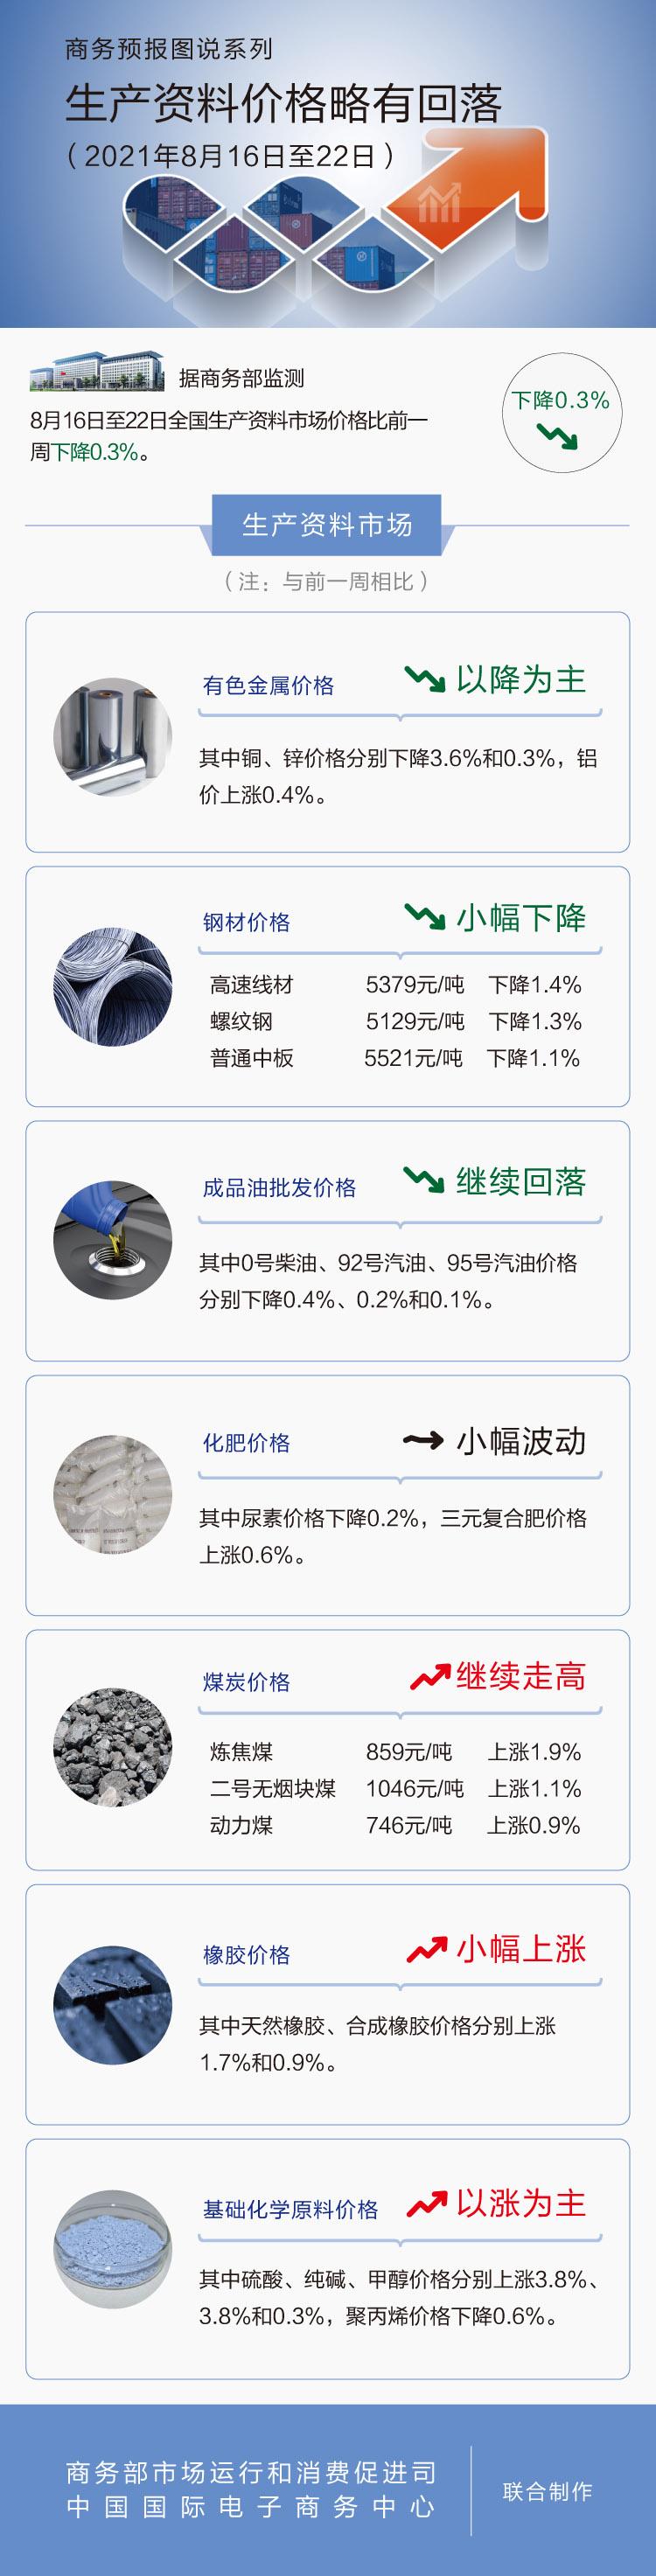 商务部:上周生产资料价格略有回落 铝价上涨0.4%